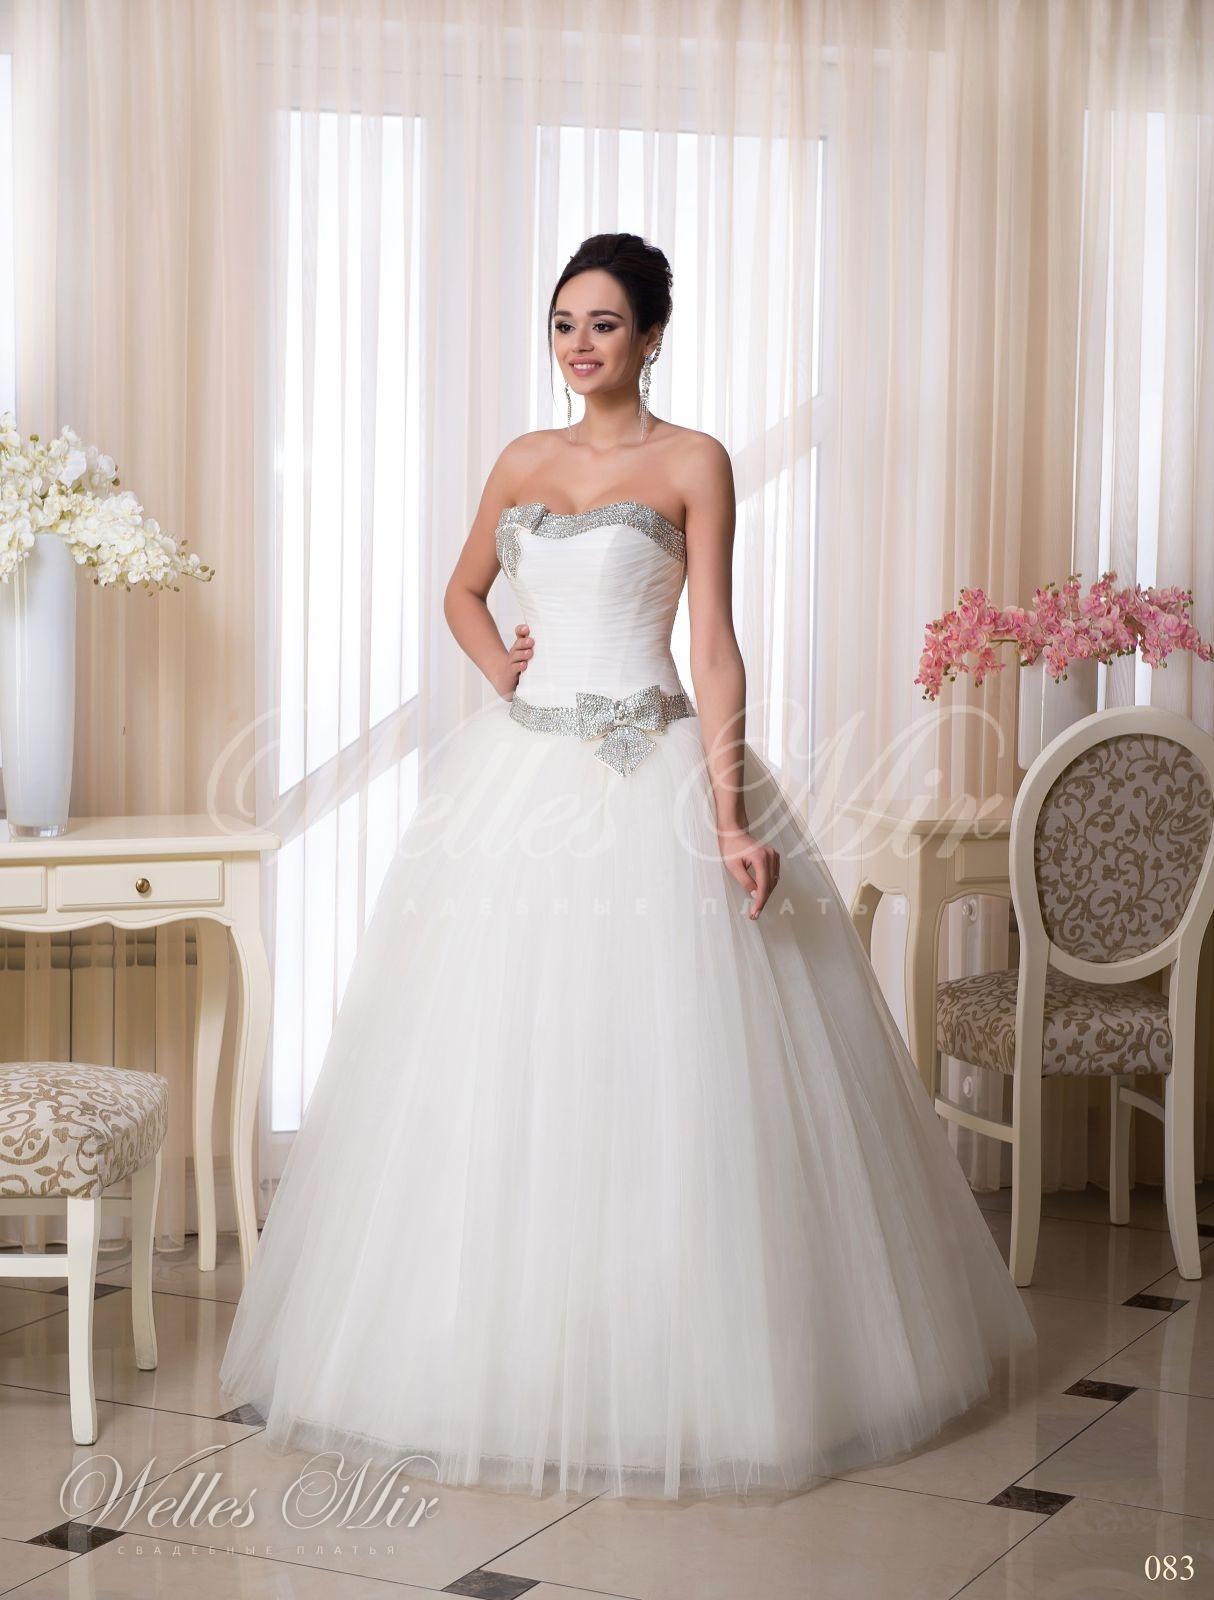 Свадебные платья Charming Elegance - 083